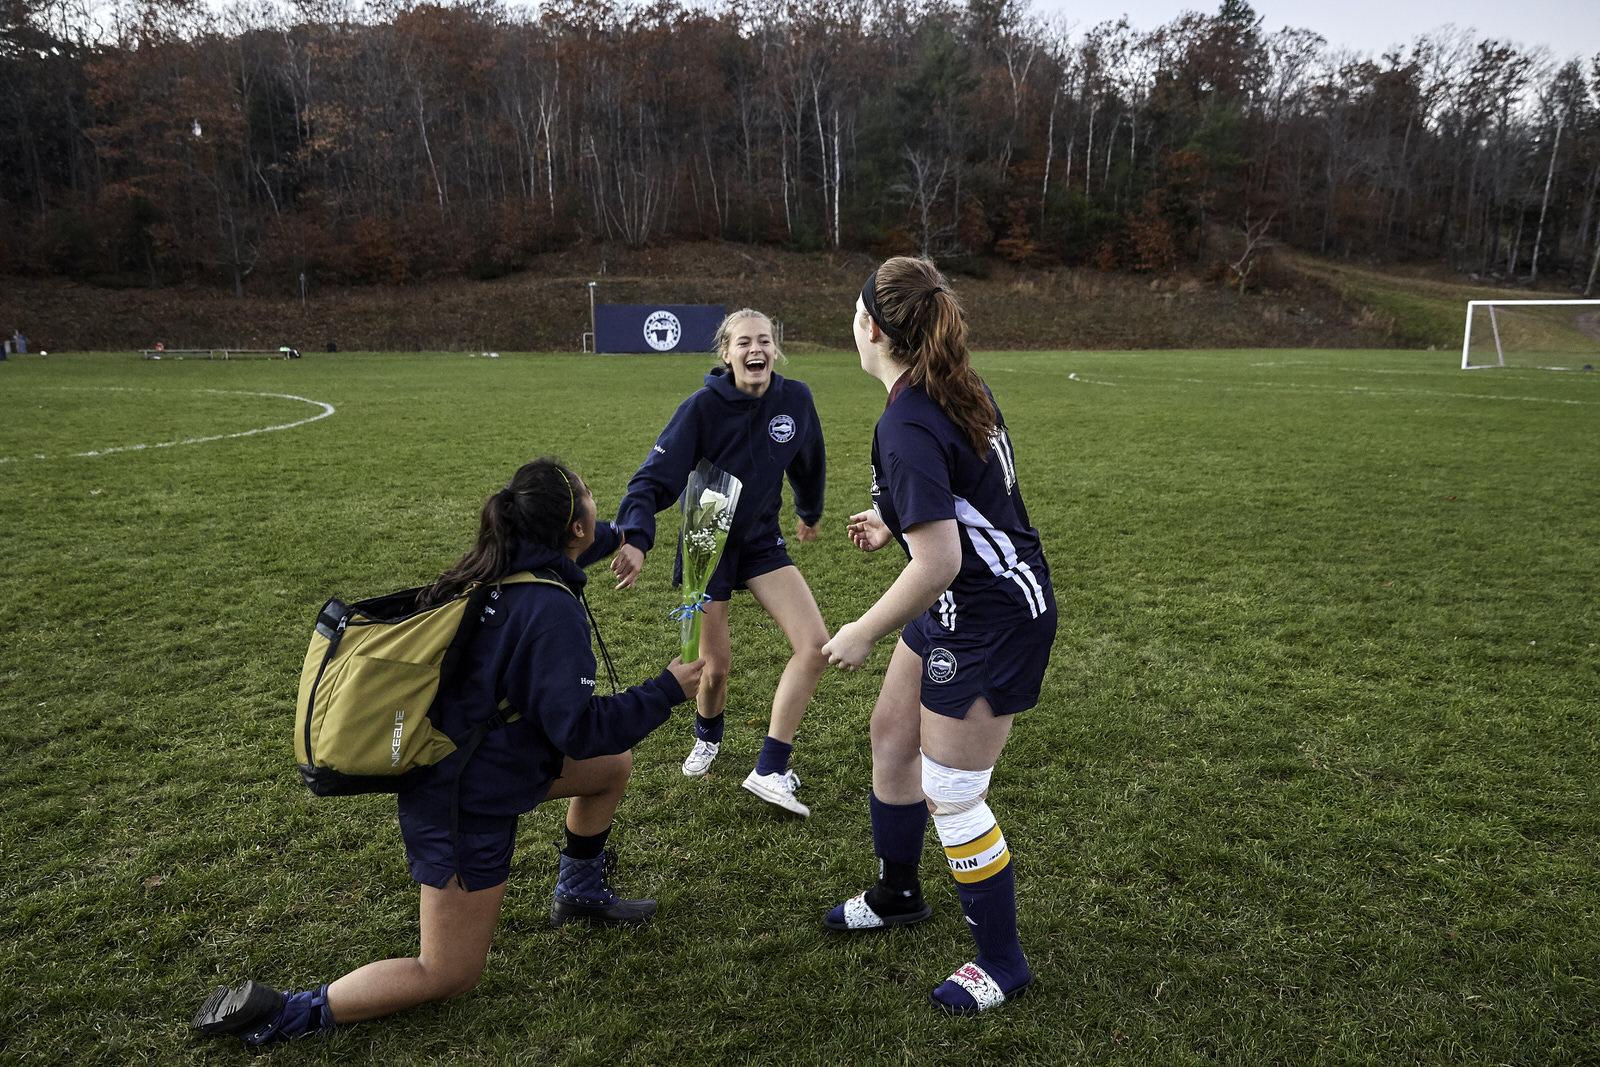 Girls Varsity Soccer vs. White Mountain School - November 7, 2018 - Nov 07 2018 - 0091.jpg